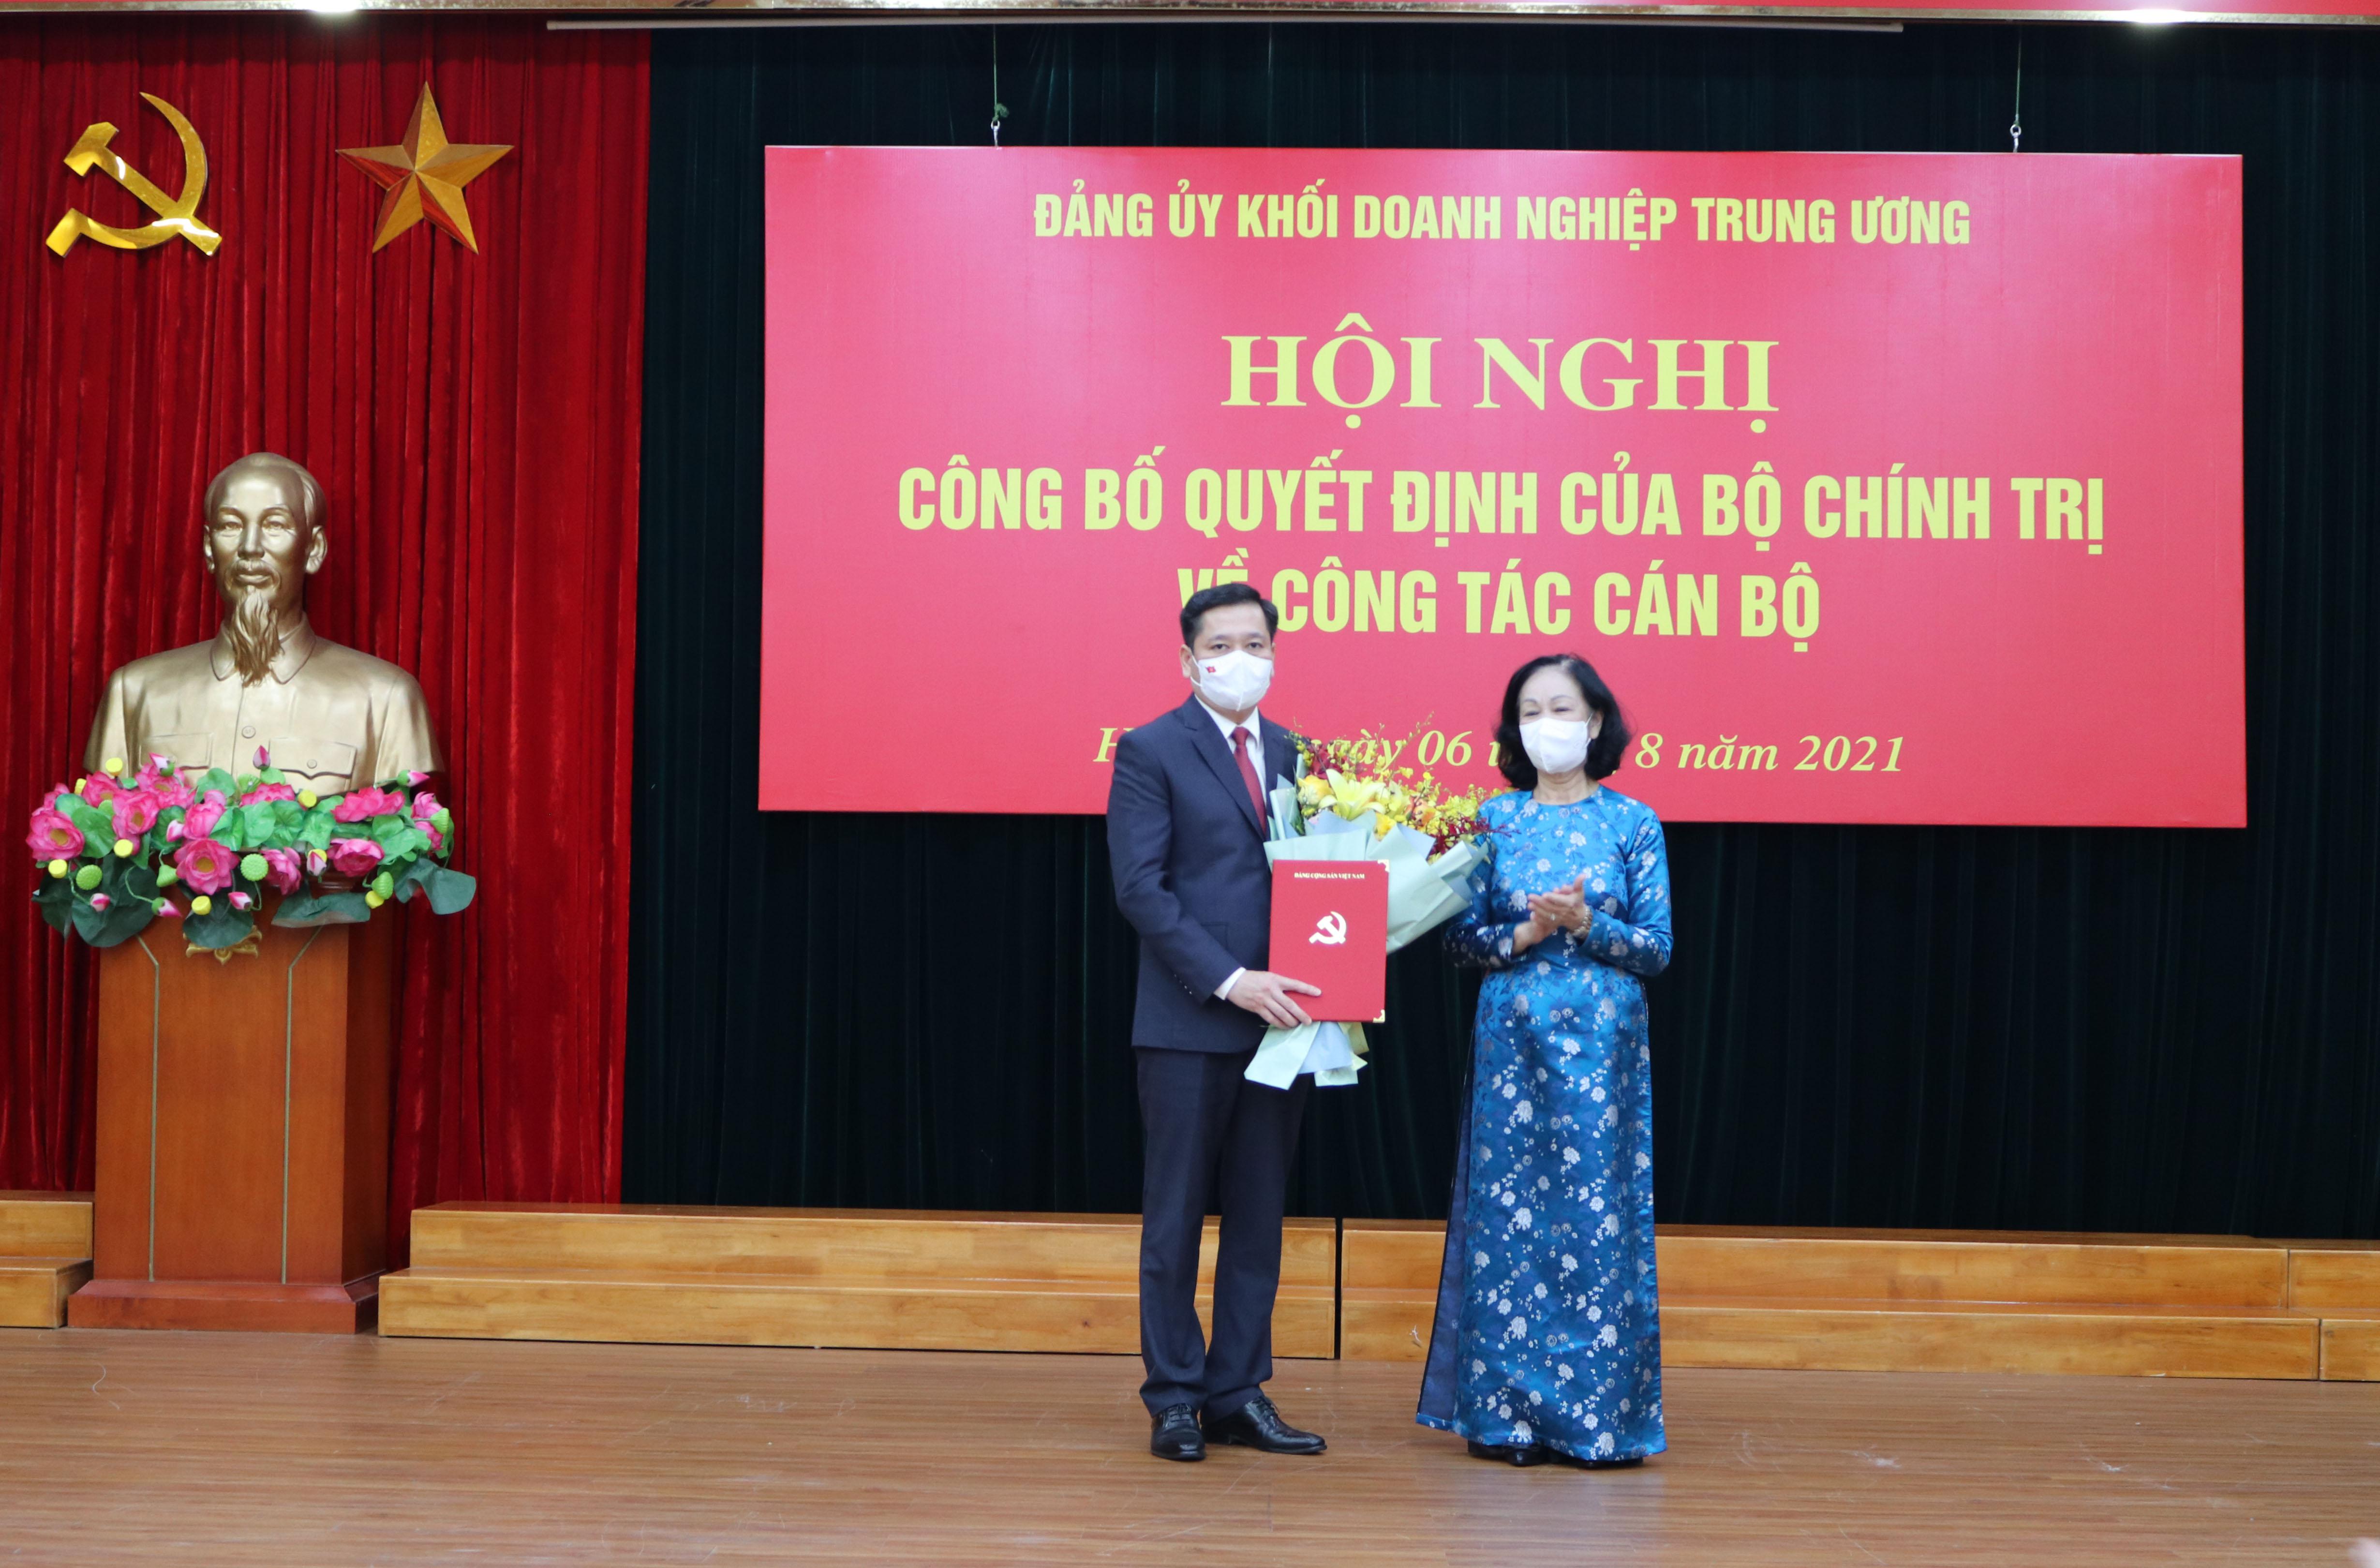 Đồng chí Trương Thị Mai, Ủy viên Bộ Chính trị, Bí thư Trung ương Đảng, Trưởng Ban Tổ chức Trung ương trao quyết định, tặng hoa chúc mừng đồng chí Nguyễn Long Hải.